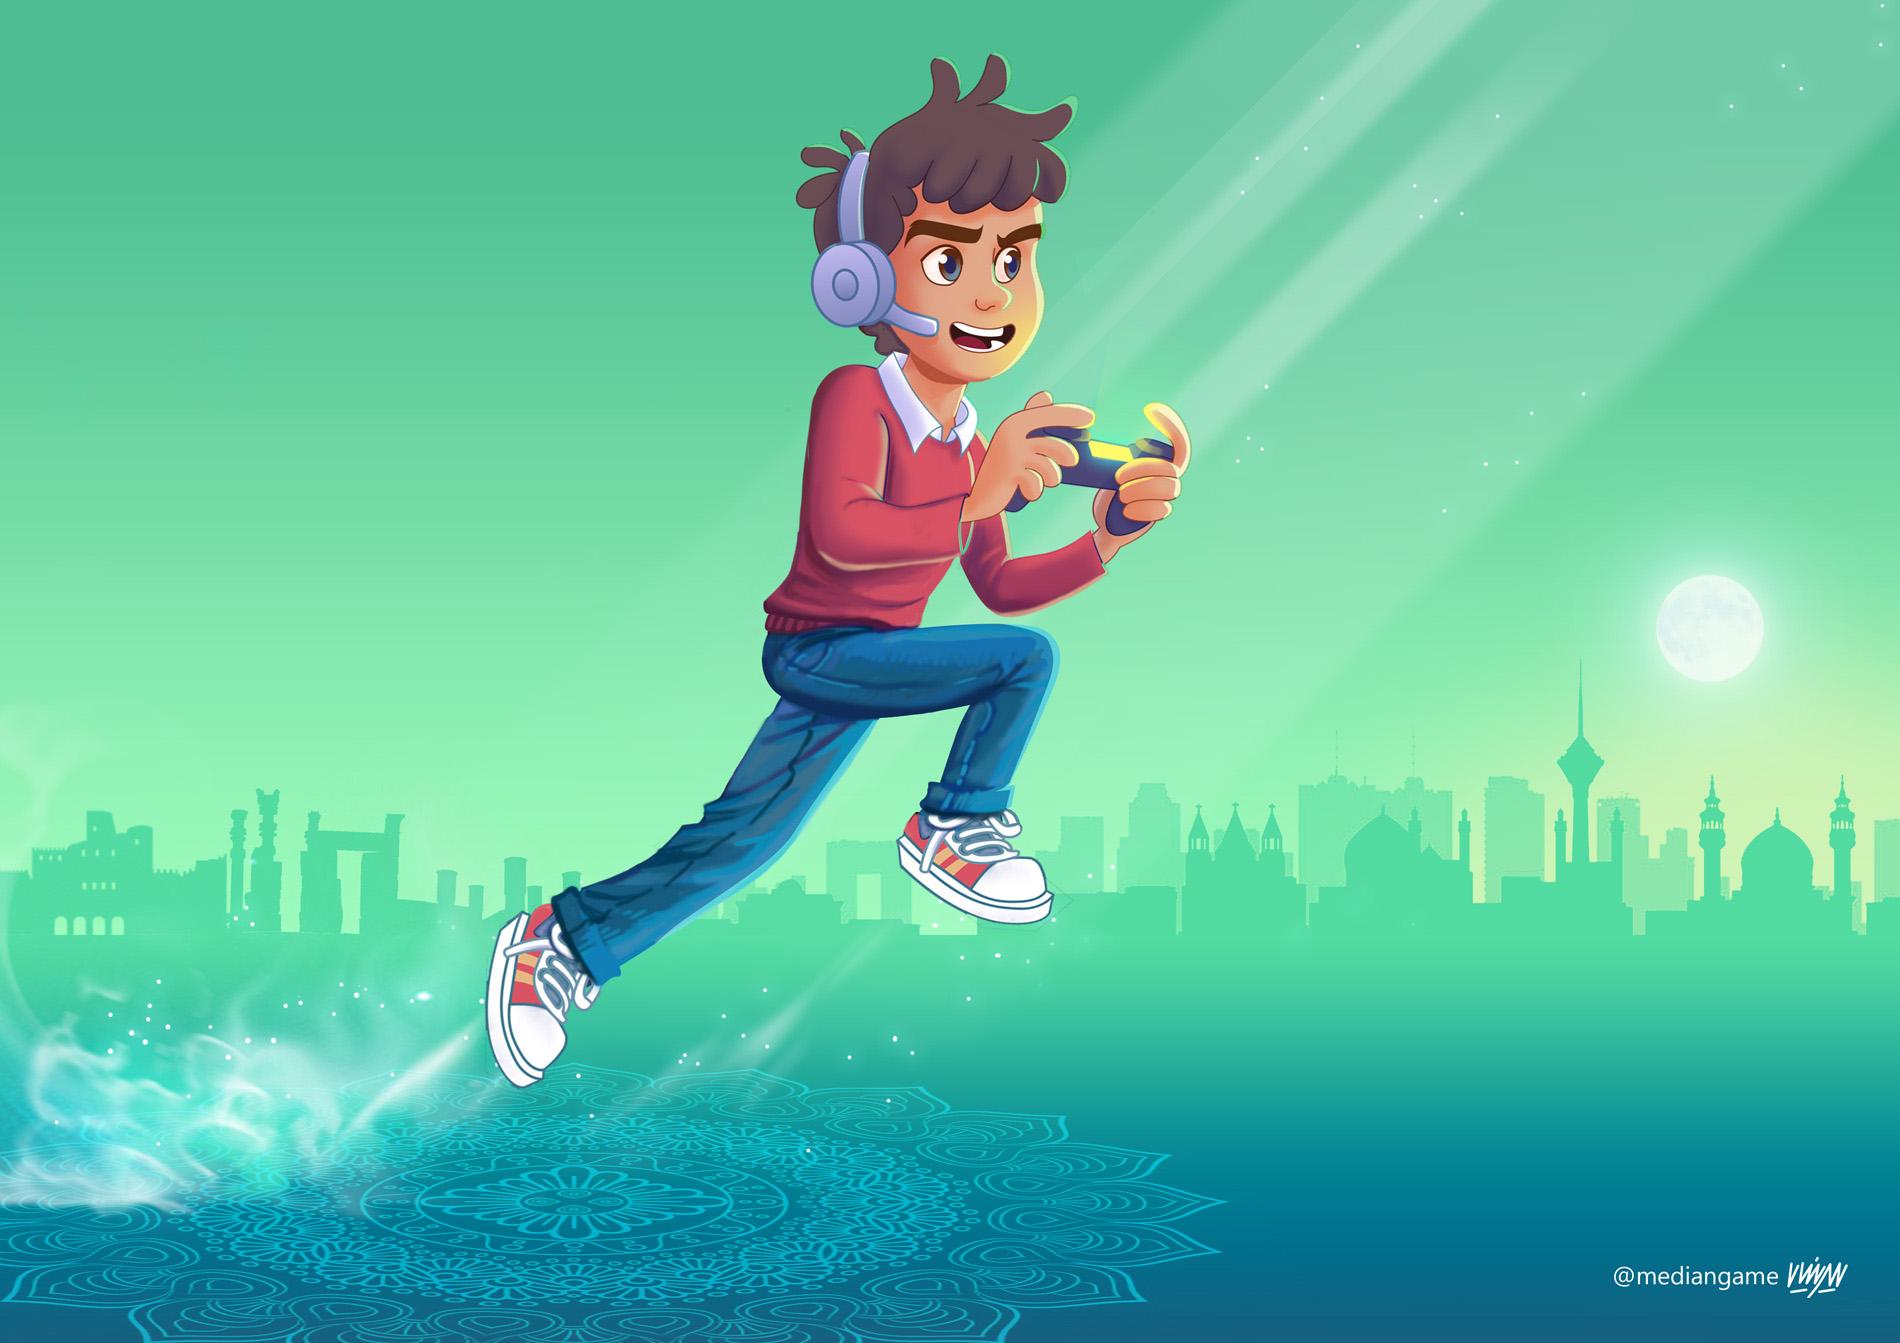 Fond d'écran : conception de personnages, game logo, jeux vidéo 1900x1343 - jorgehardt - 1577867 ...